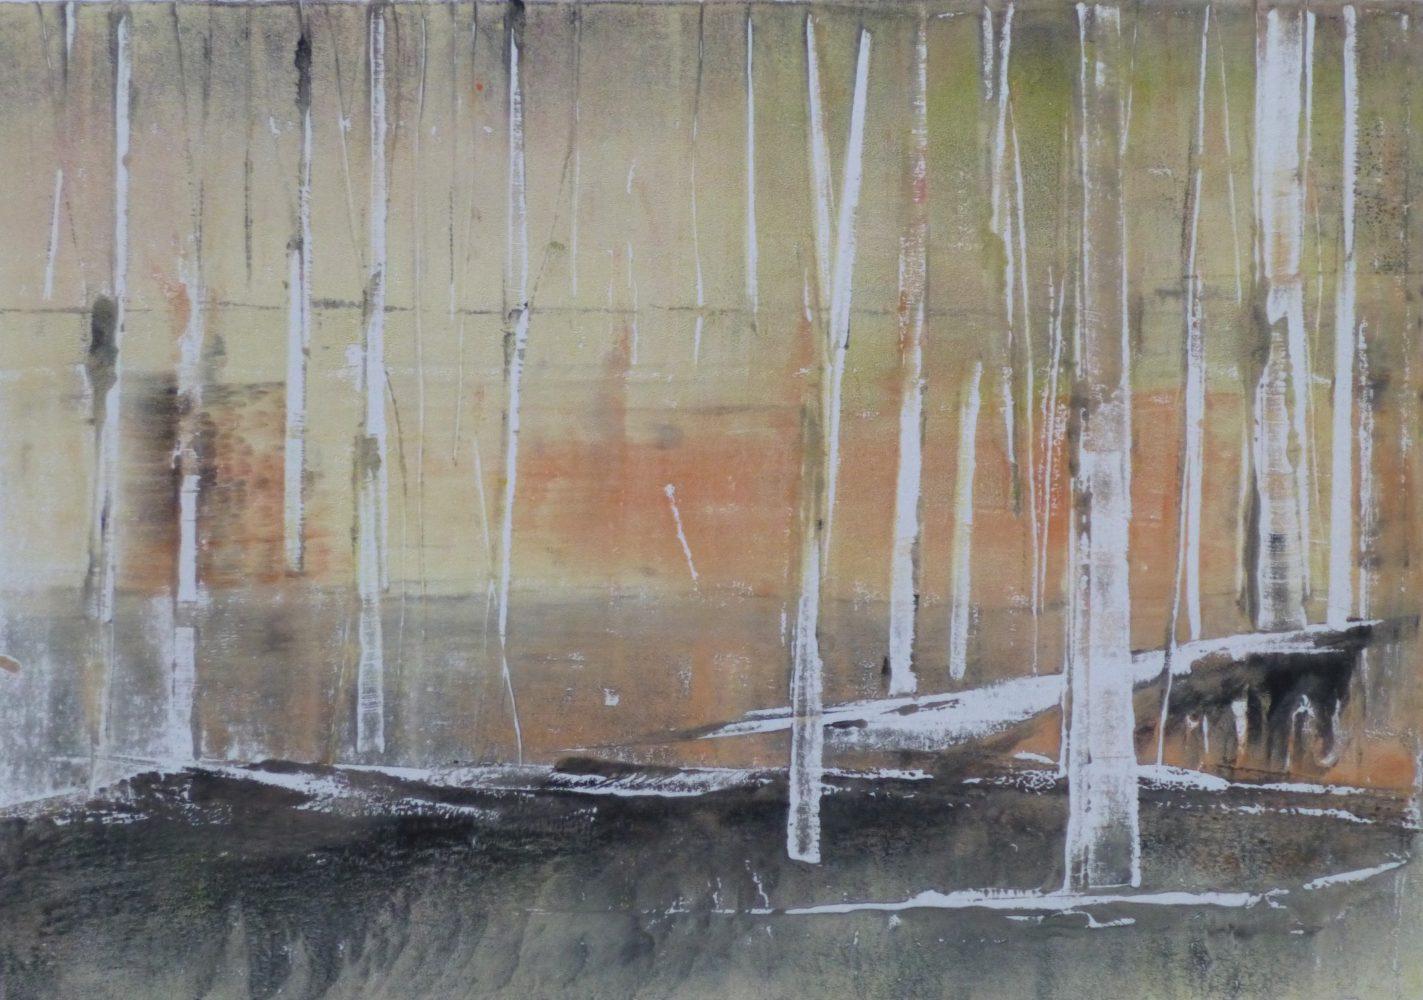 WOODS, 2016 Monotypie 21 x 30 cm, Sold